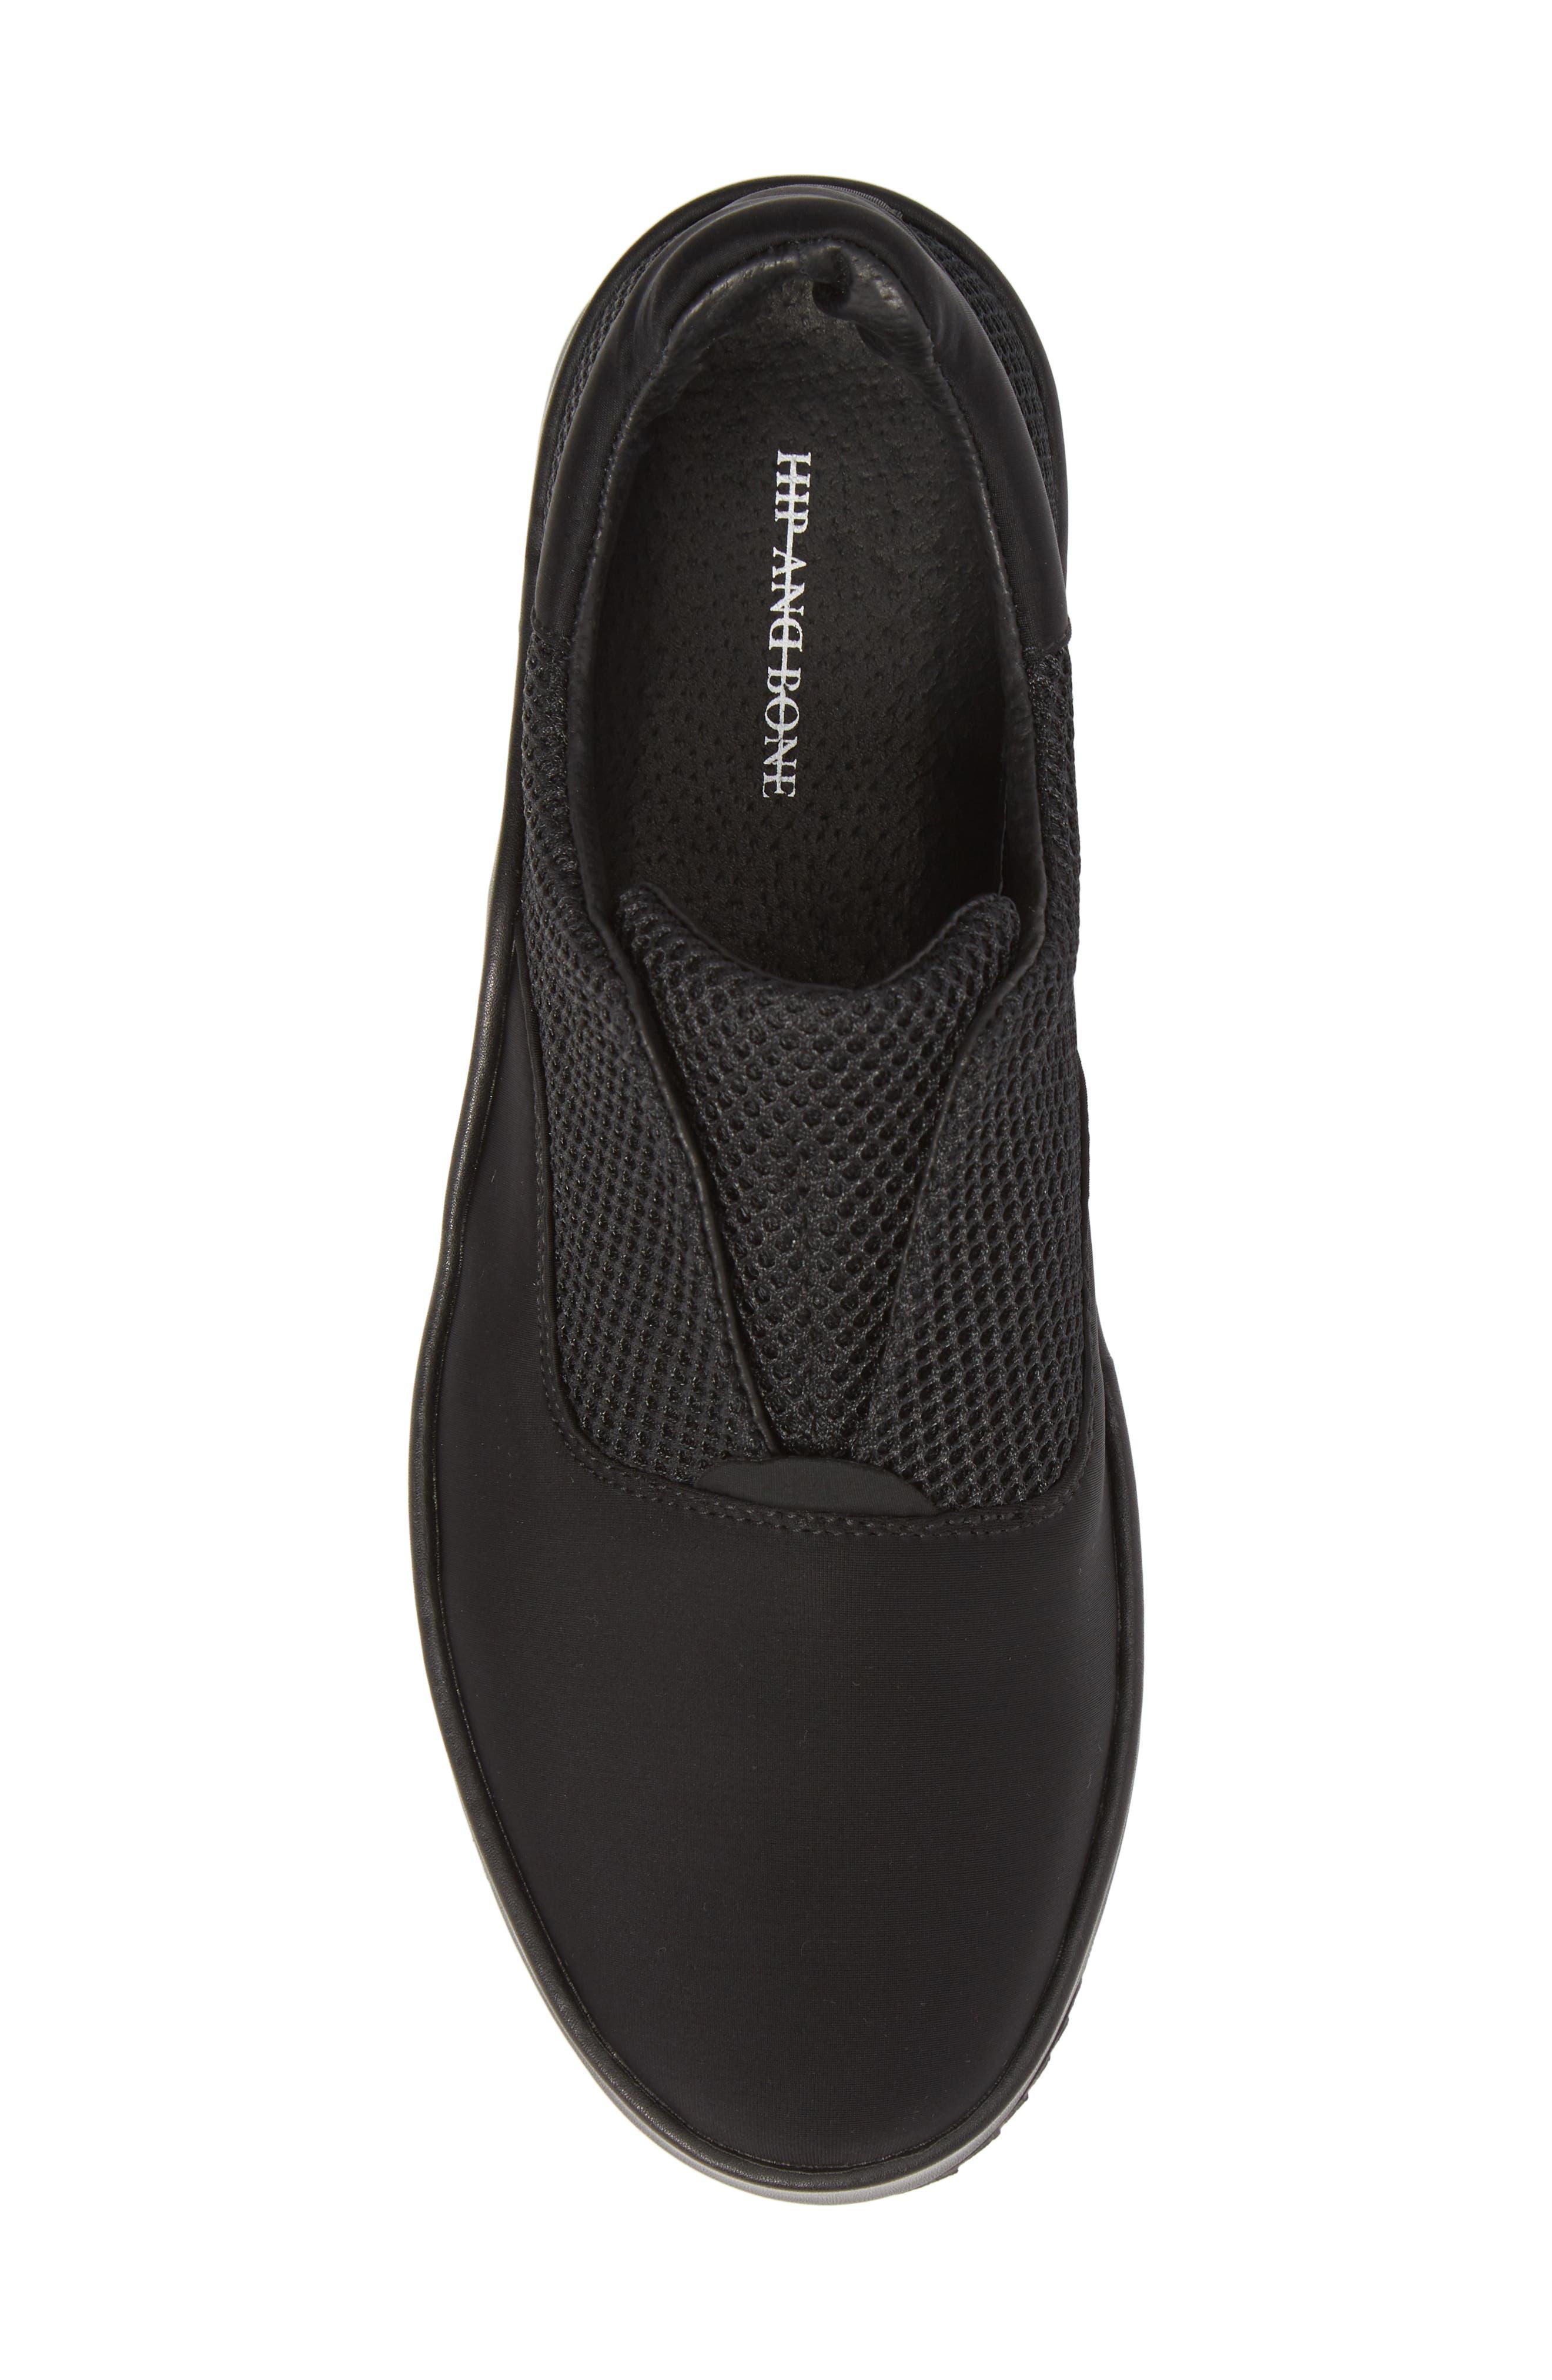 Core Neoprene Skater Laceless Sneaker,                             Alternate thumbnail 5, color,                             Black Neoprene Fabric